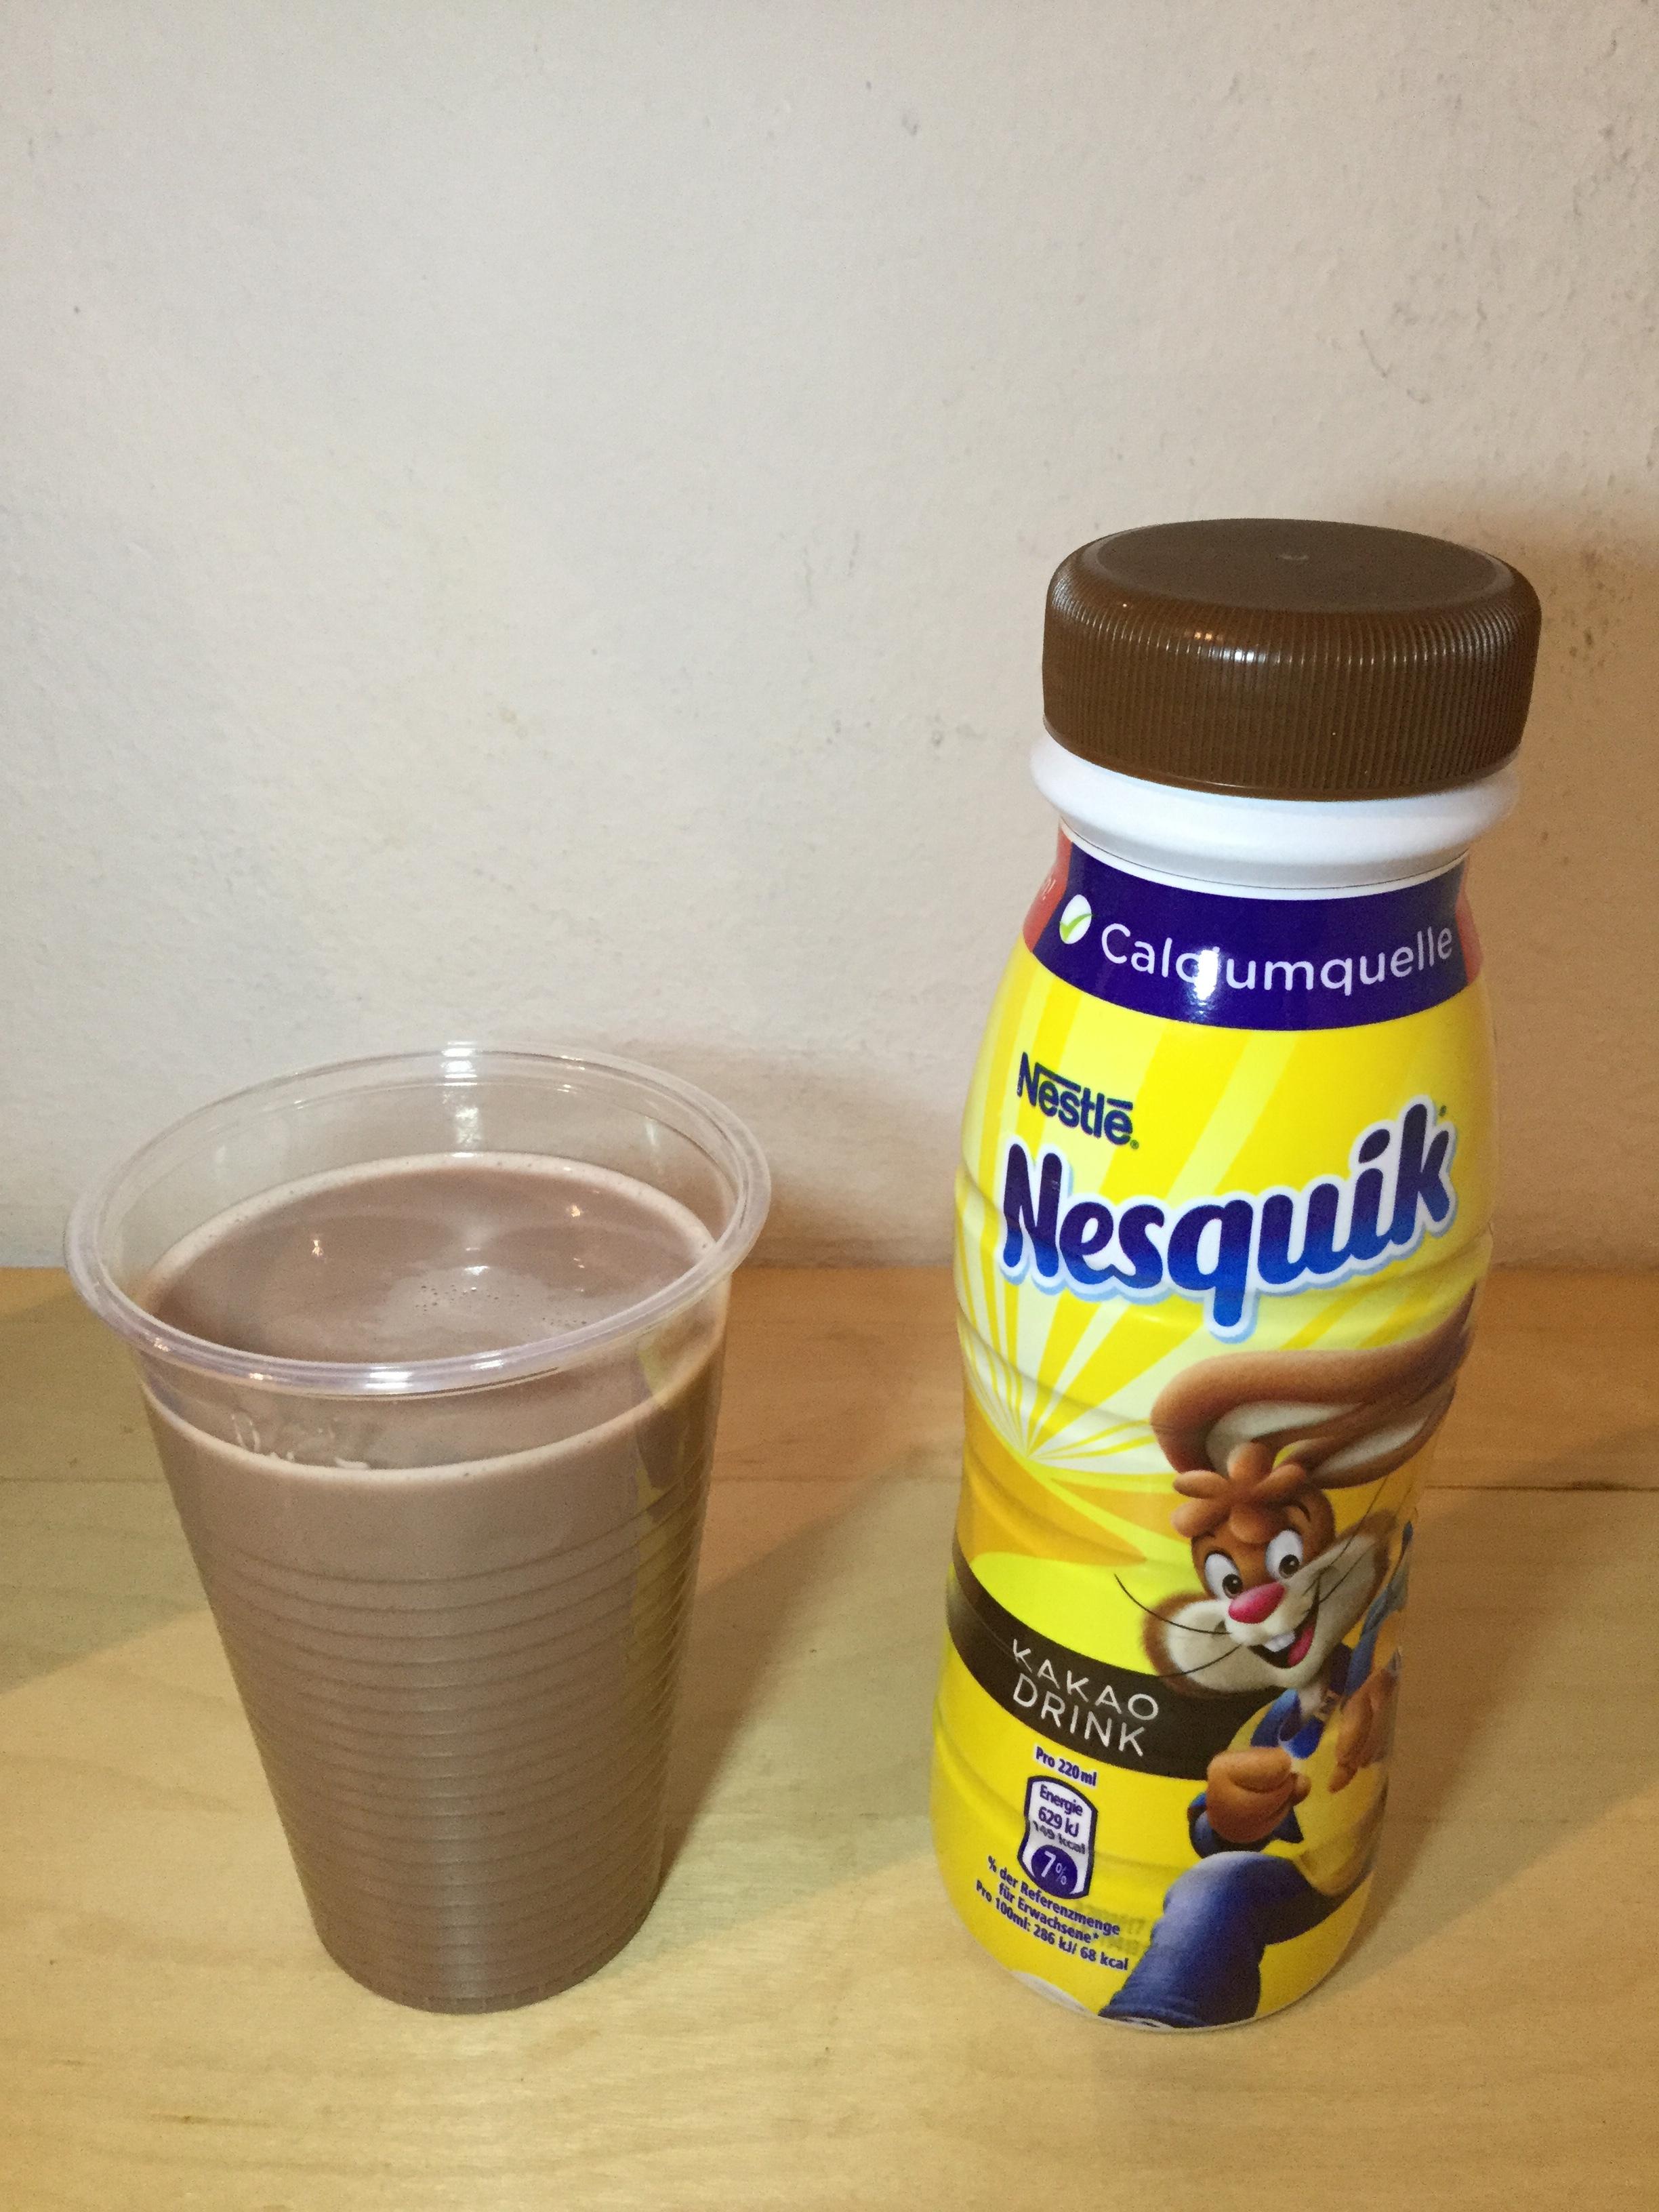 Nestle Nesquik Kakao Drink (Austria) Cup